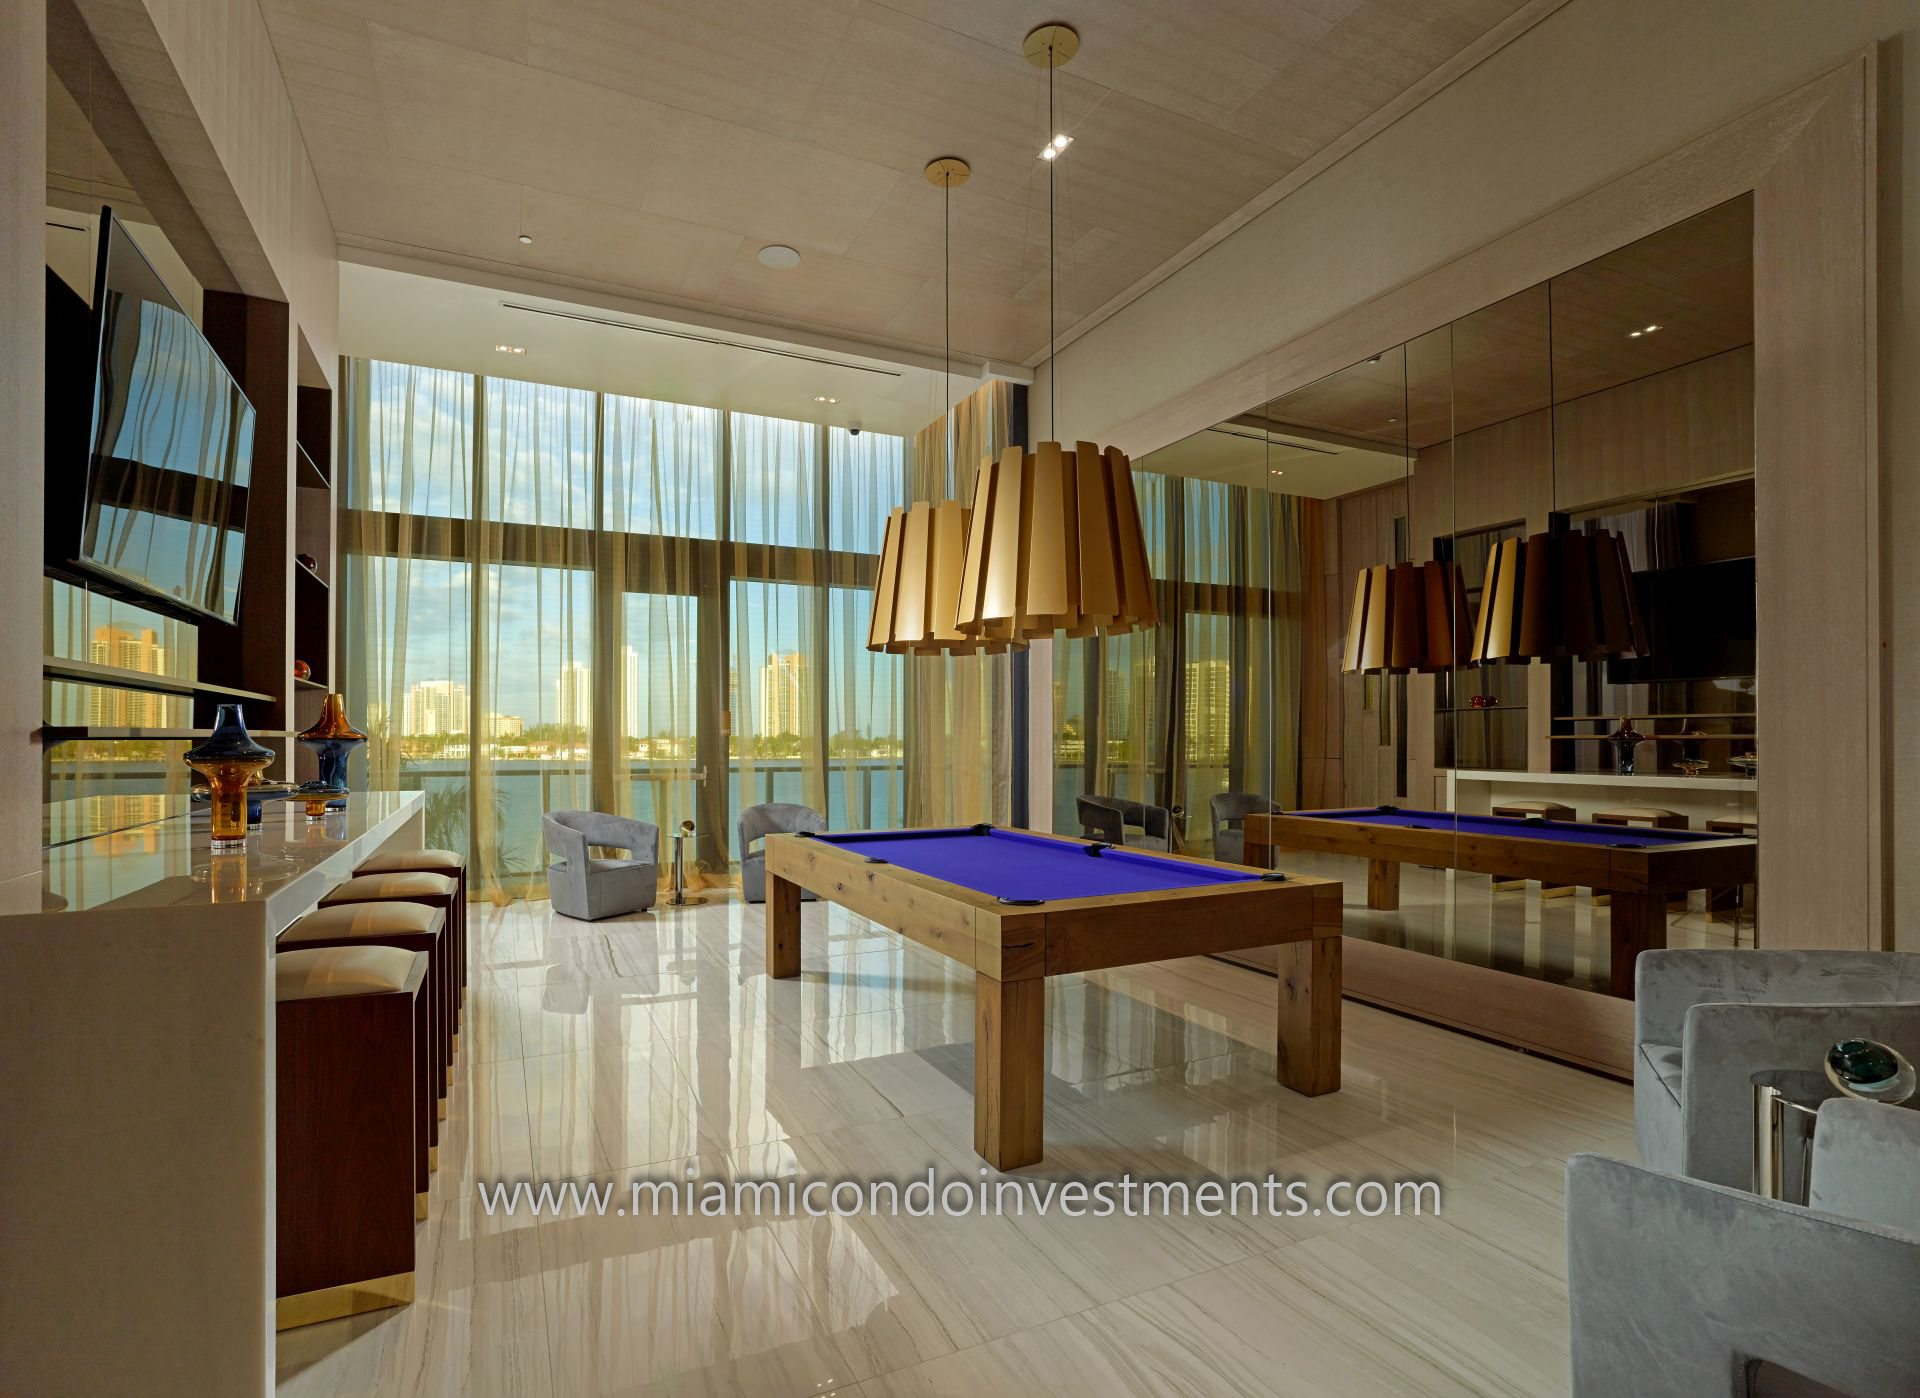 billiards room at Prive